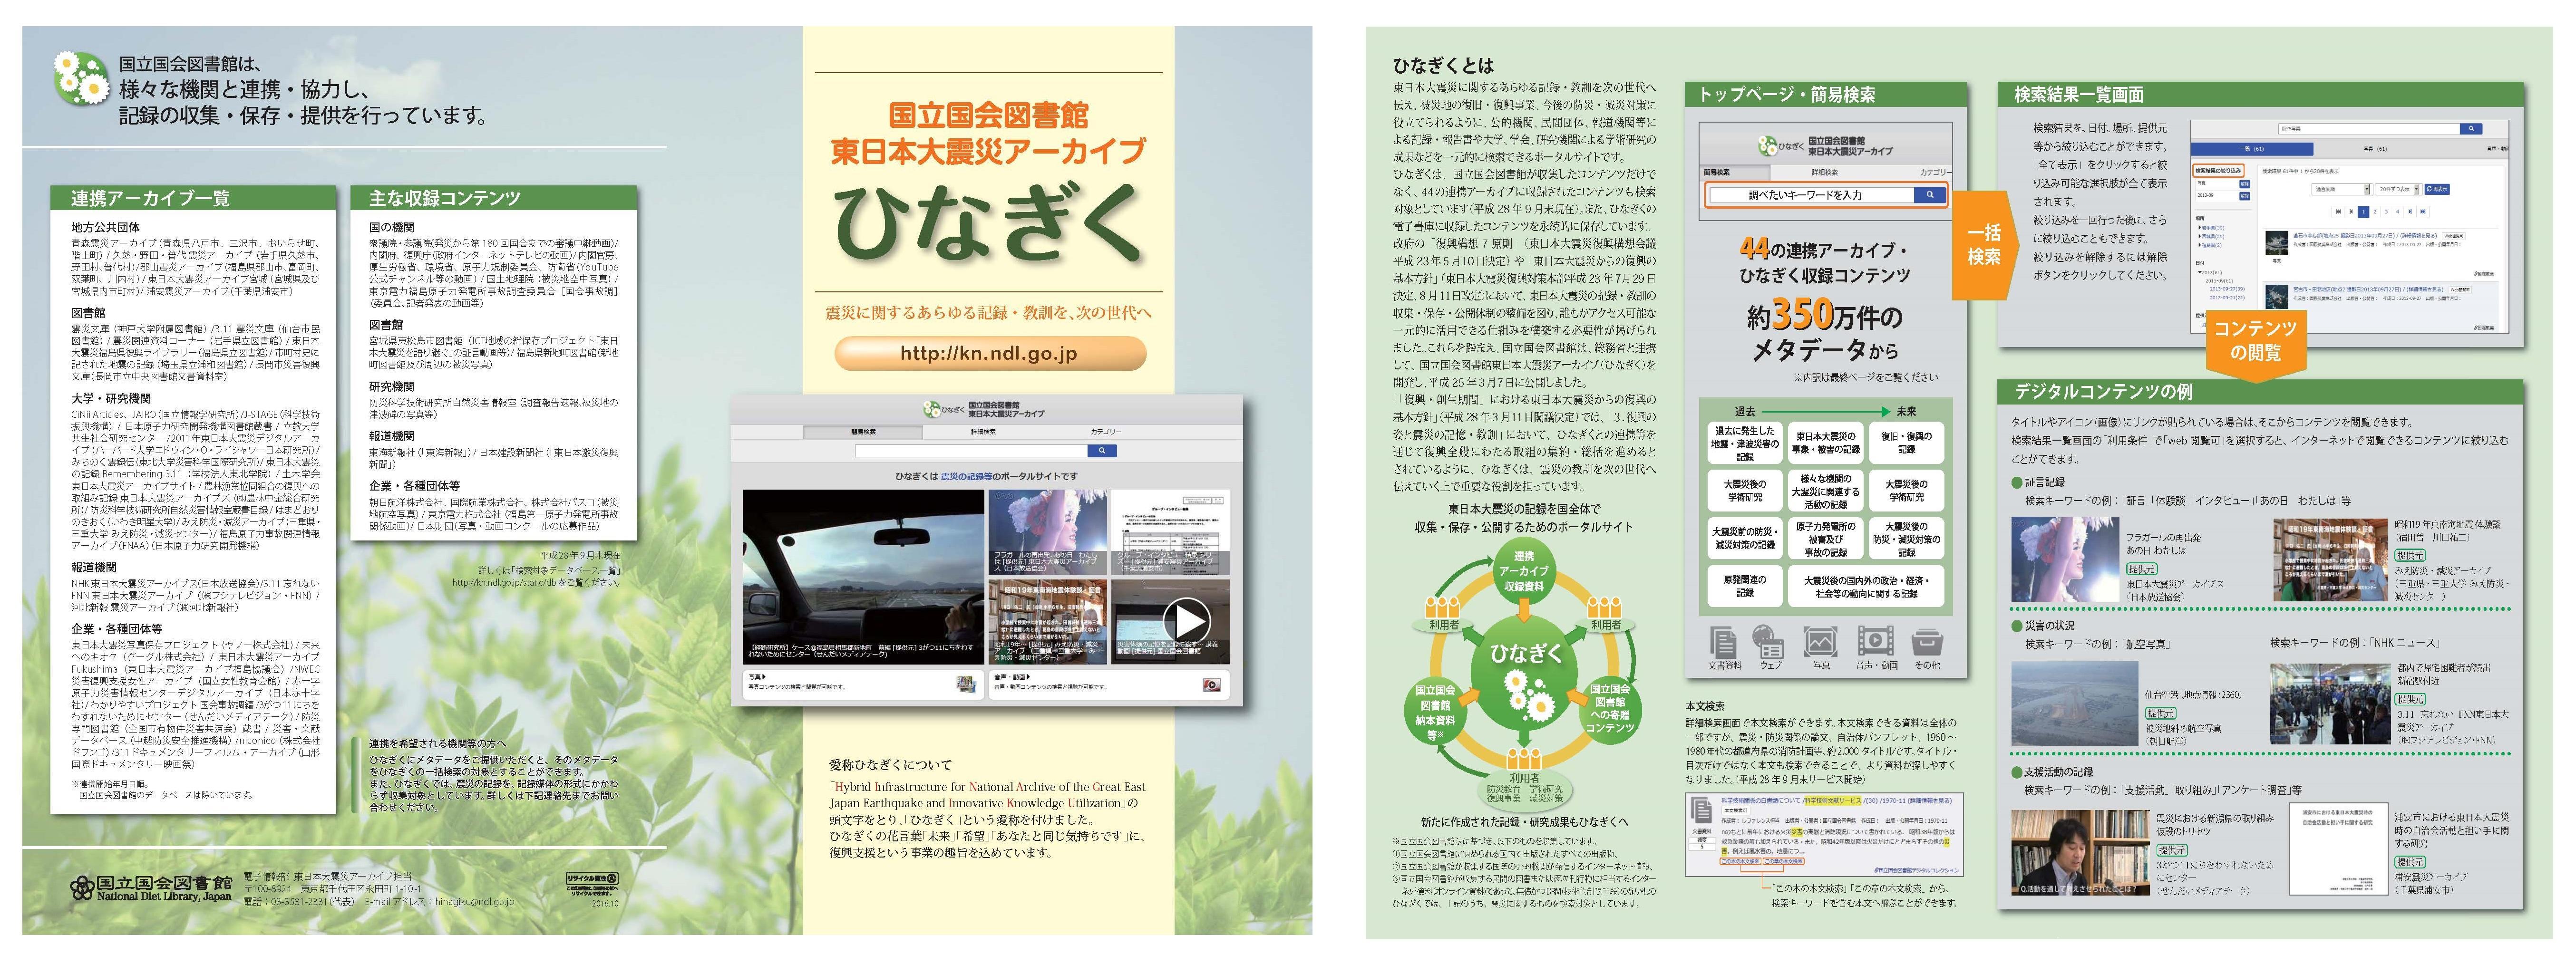 国立国会図書館東日本大震災アーカイブひなぎくパンフレット(2016年10月)